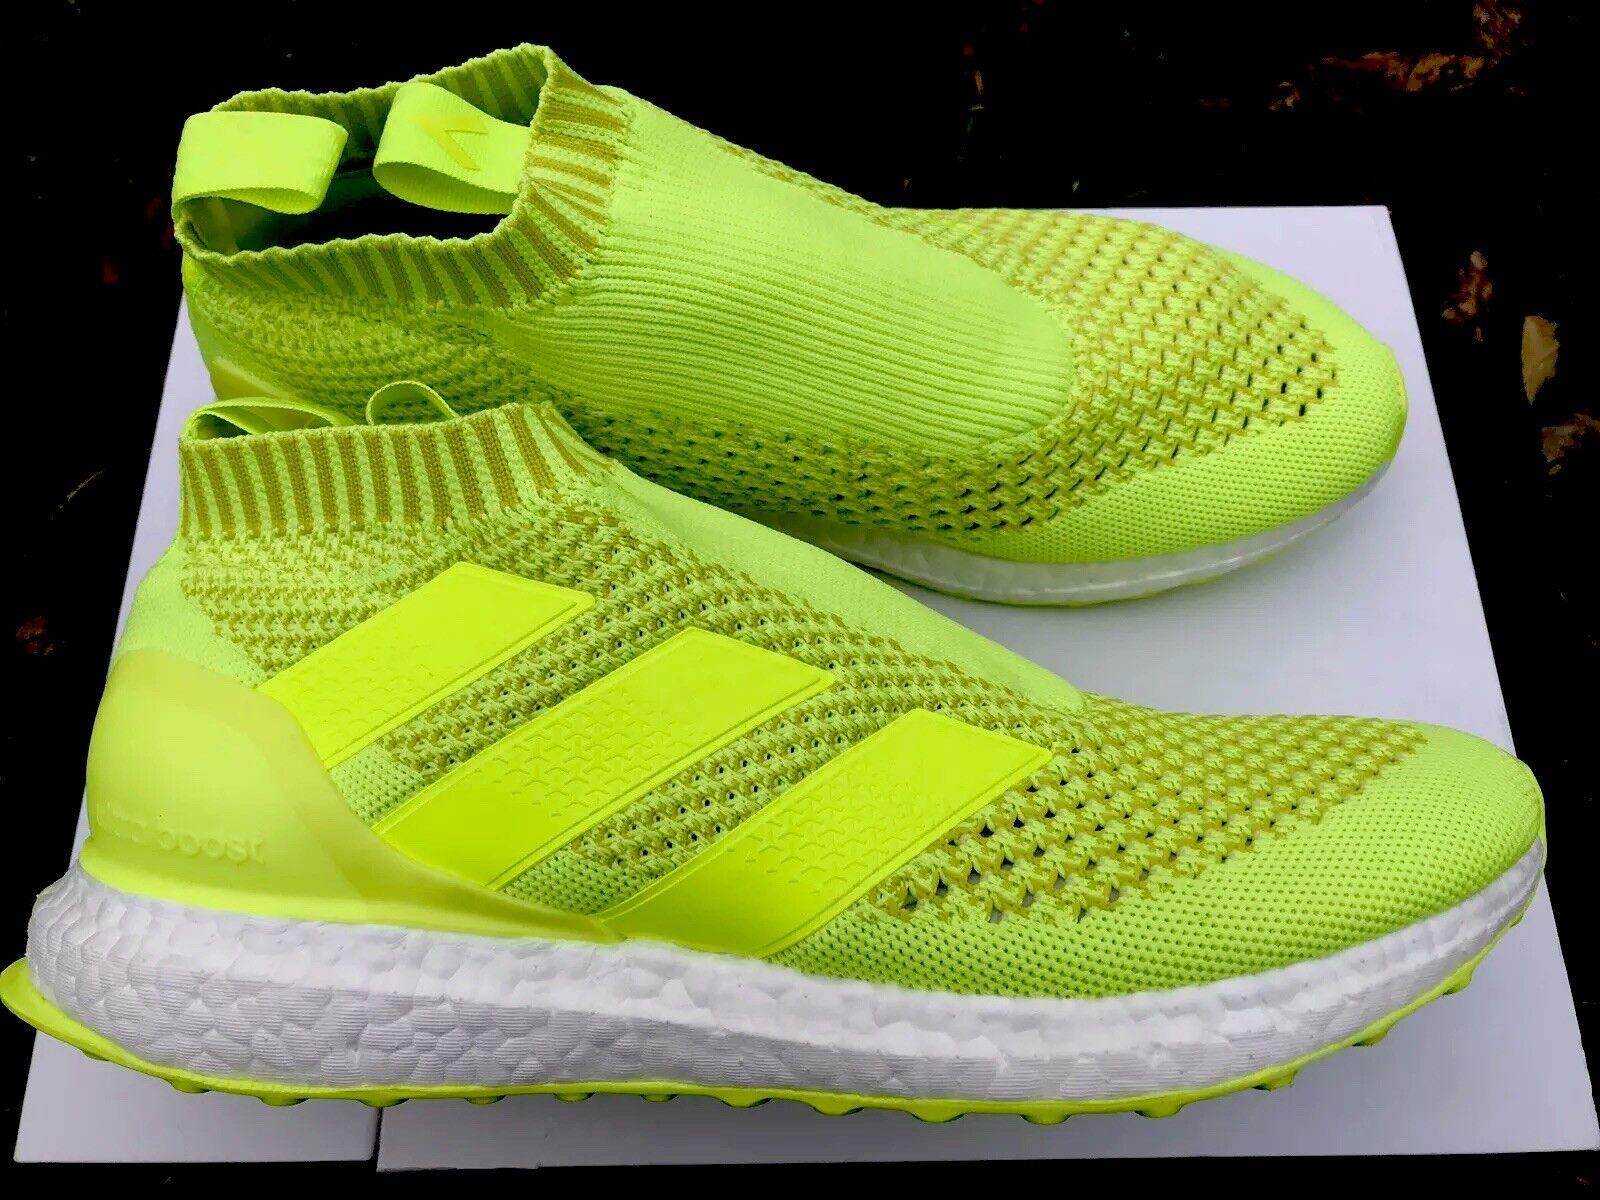 Adidas Ace 16+ purecontrol Ultra Boost Nuevo Y En Caja Neon Amarillo